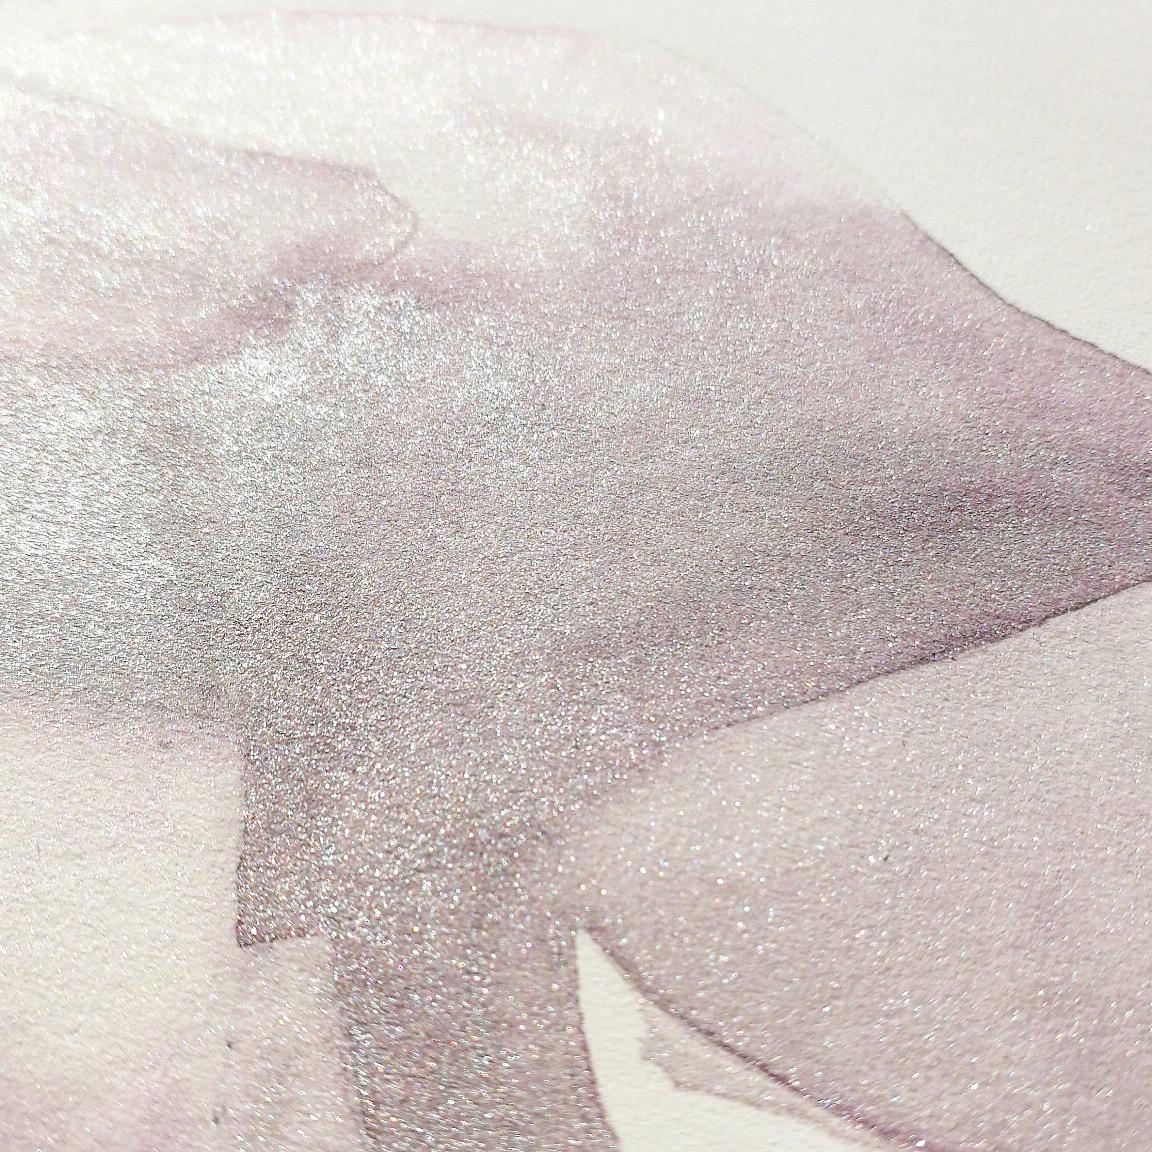 Alona Hryn Schmincke - rose---details-(5)